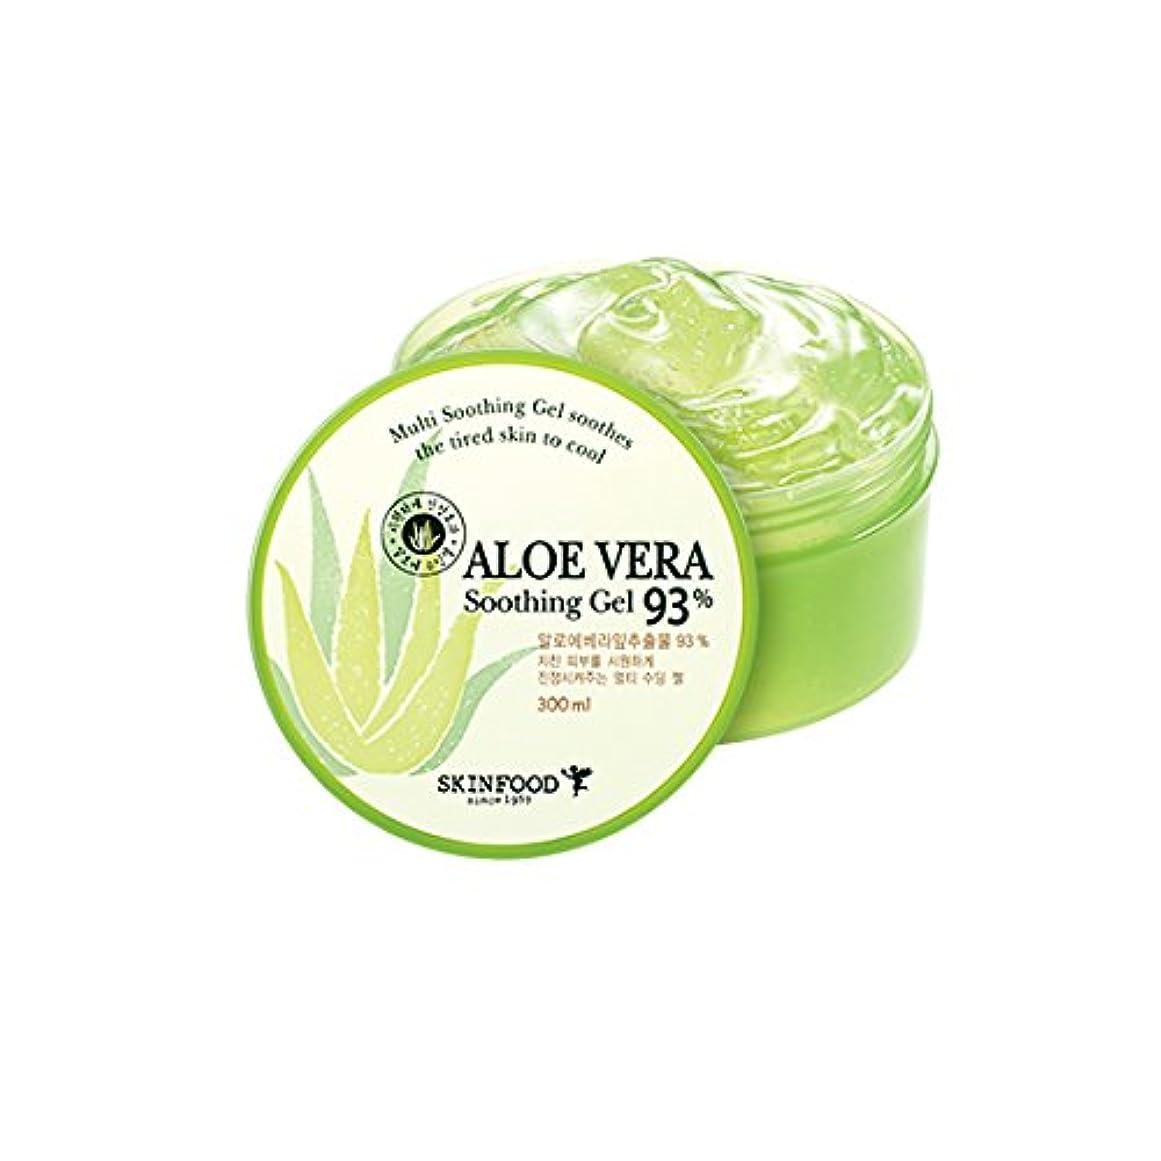 メジャーいじめっ子平均Skinfood アロエベラ93%スージングジェル/Aloe Vera 93% Soothing Gel 300ml [並行輸入品]